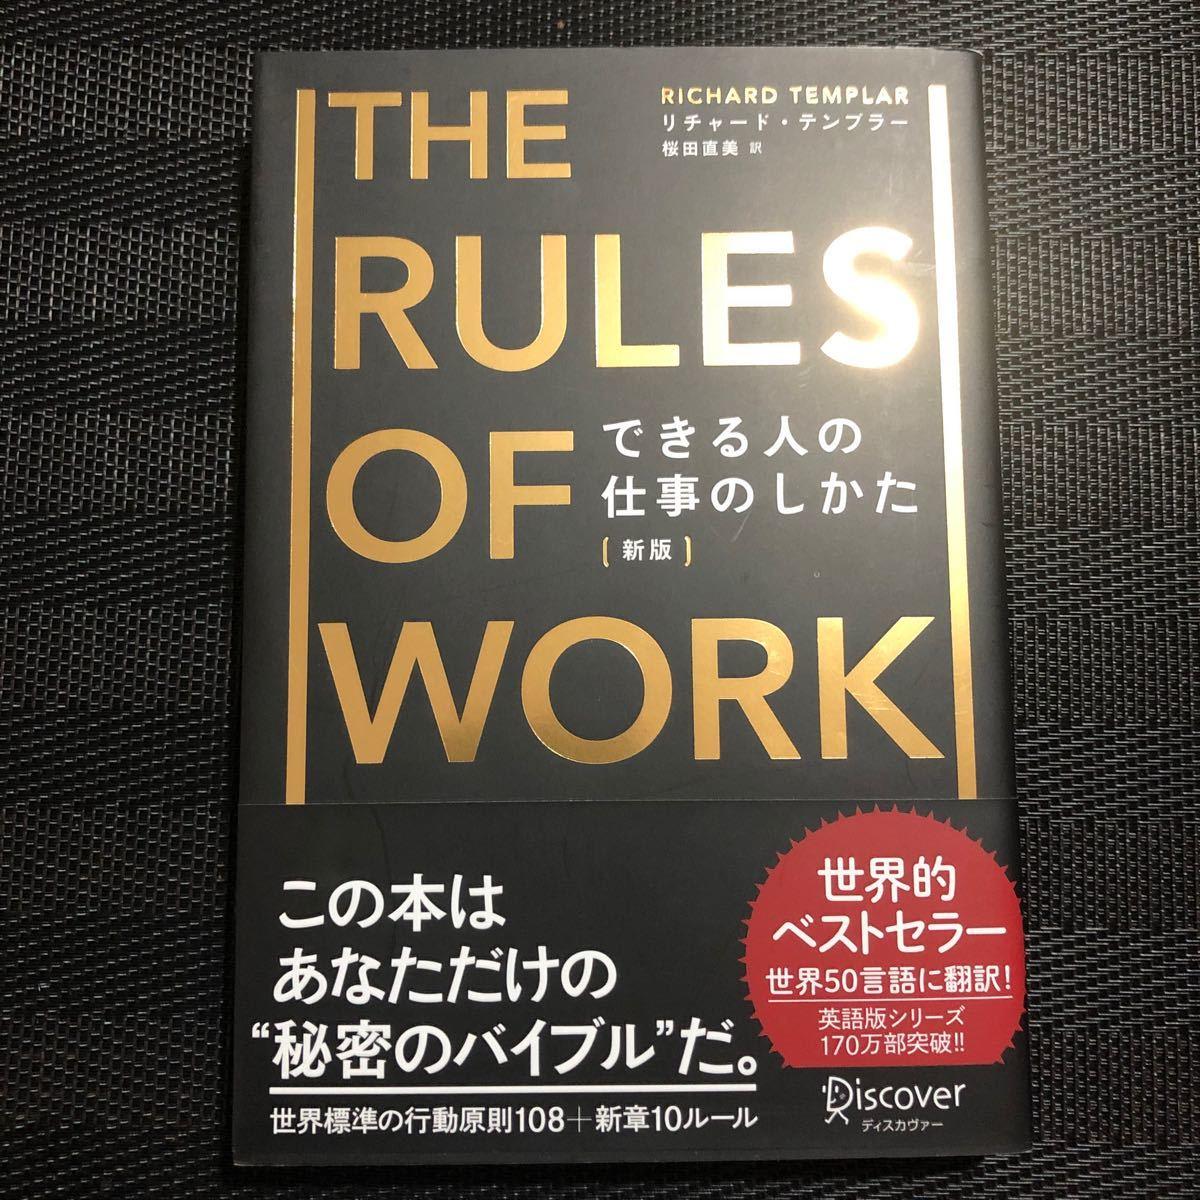 できる人の仕事のしかた 自己啓発 本 美品 バイブル THE RULES OF WORK